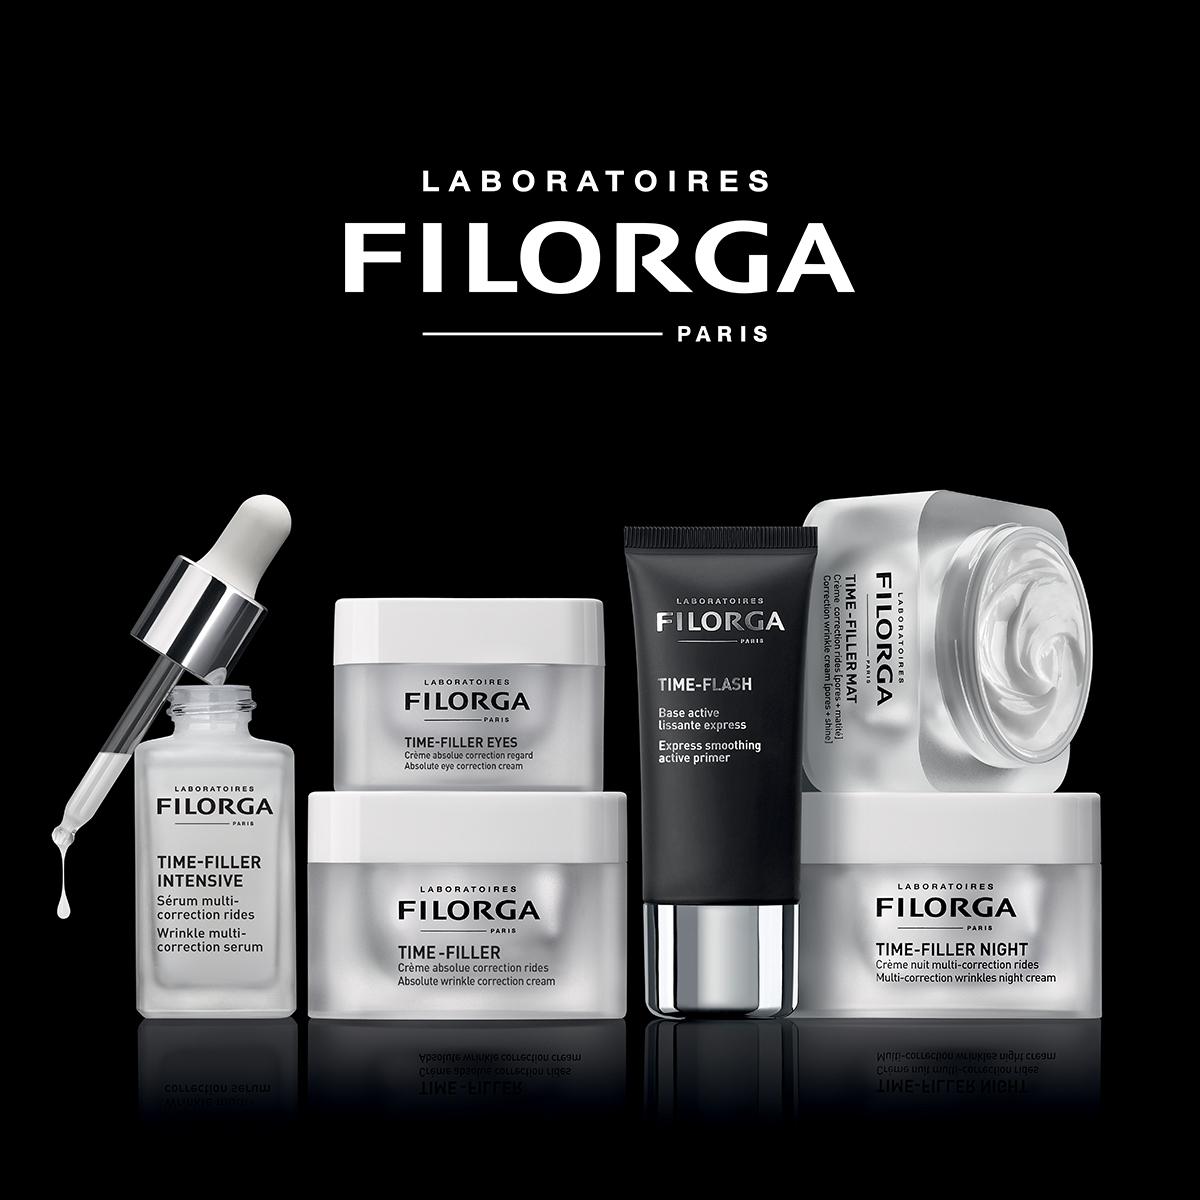 Gama TIME-FILLER de Laboratorios FILORGA.